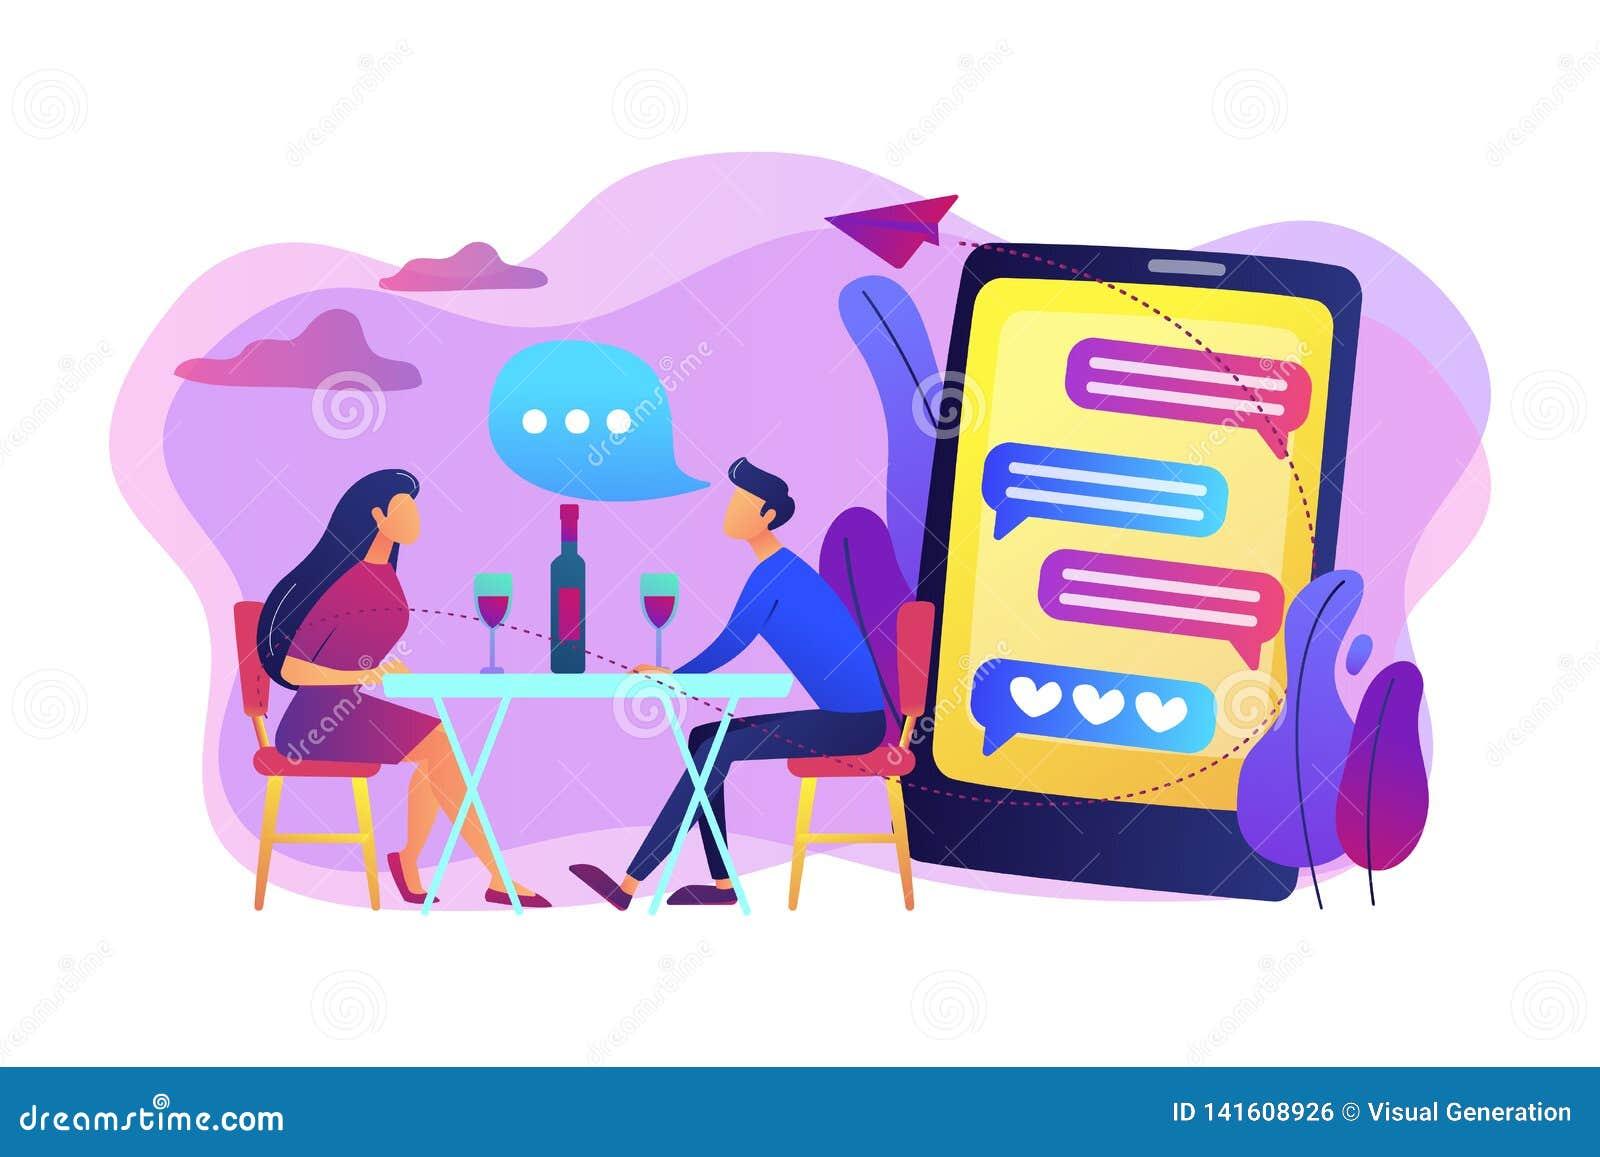 Online hastighet dating app dating show sketsjer